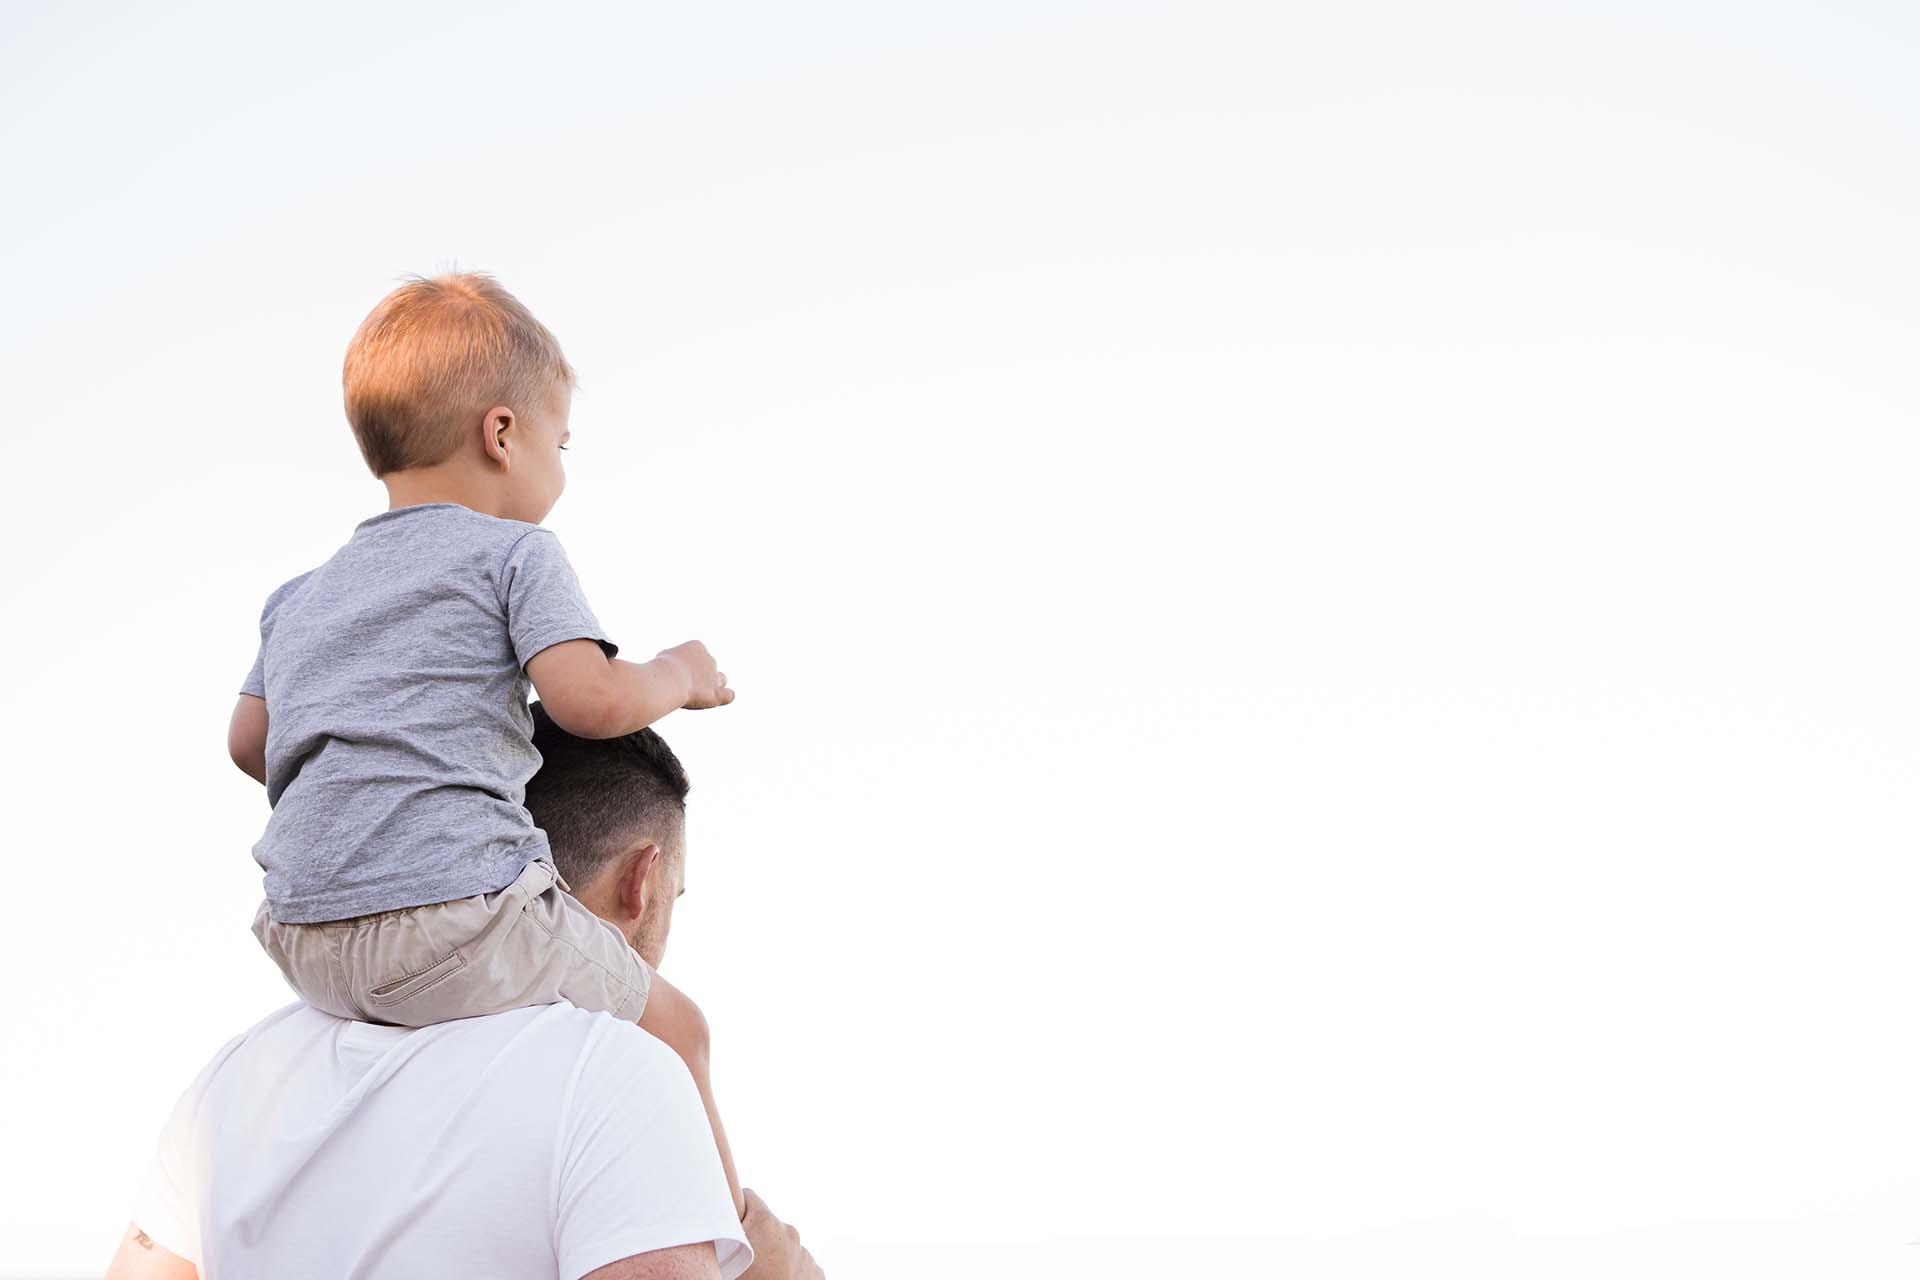 t2informatik Blog: Elternzeit - Gesetze, Gefühle, Gewinnchancen